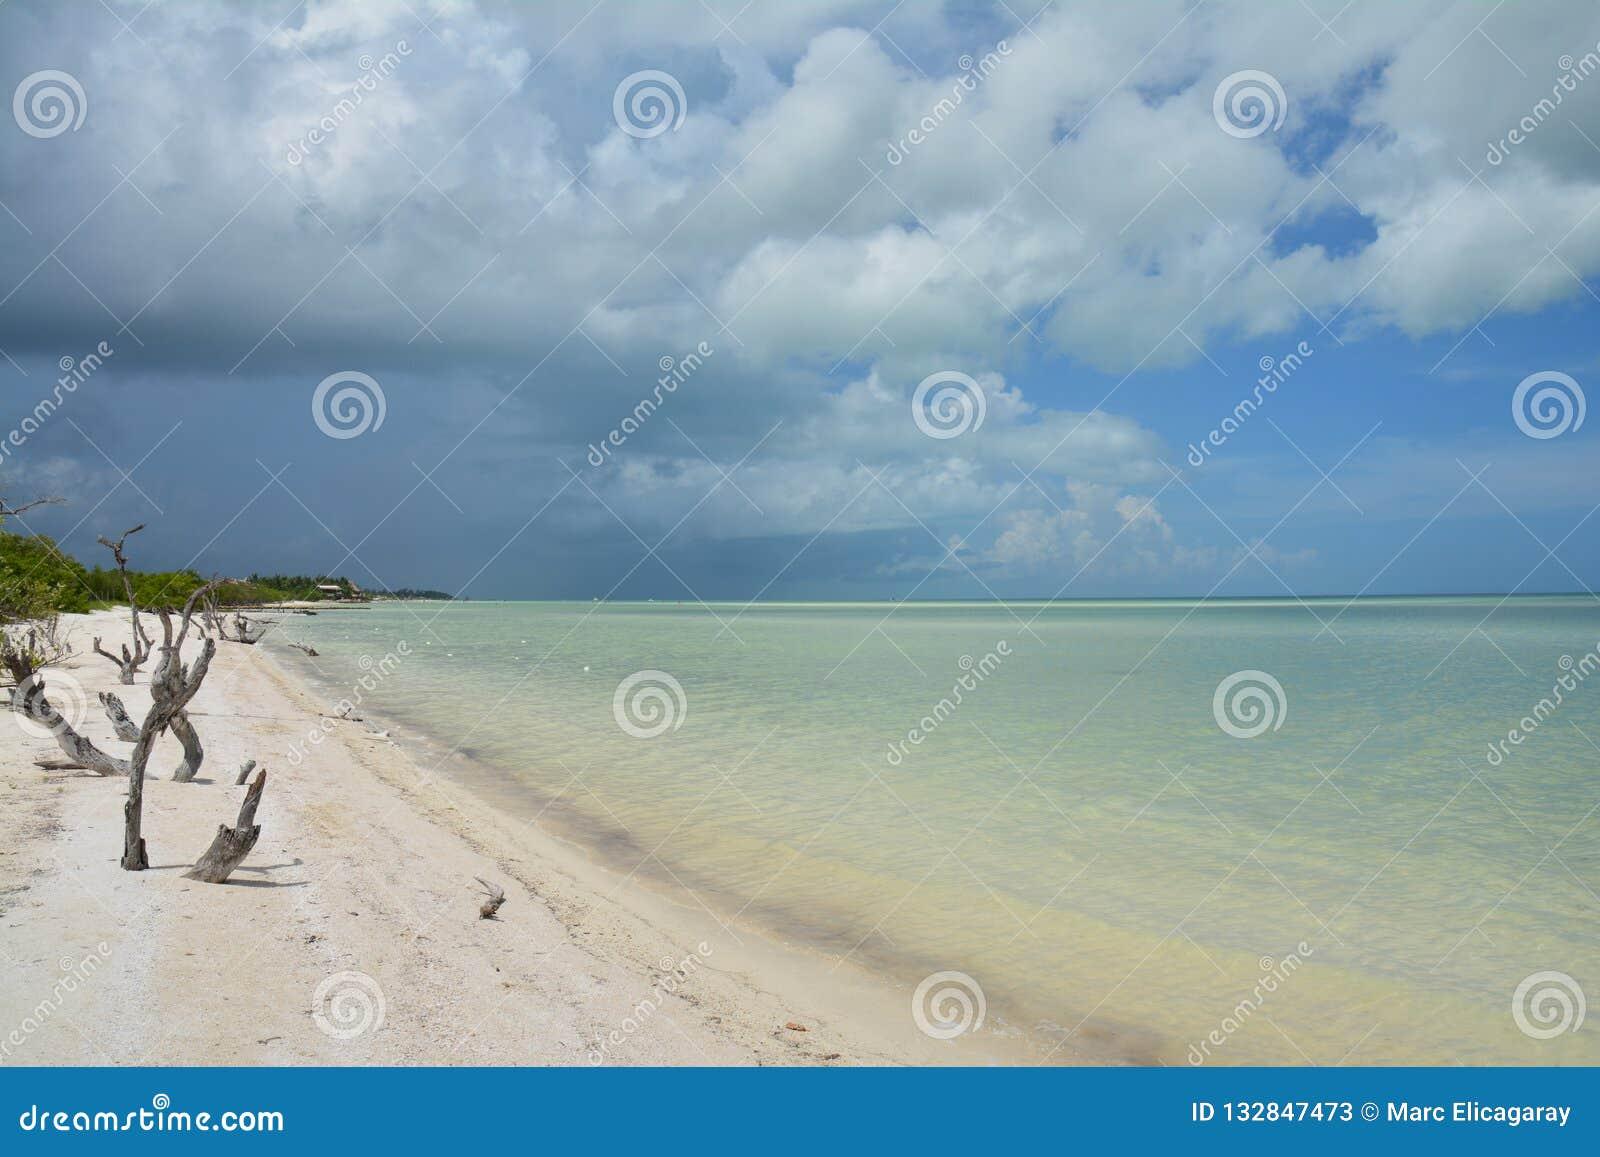 Holboxeiland in de Provincie van Quintana Roo in Mexico